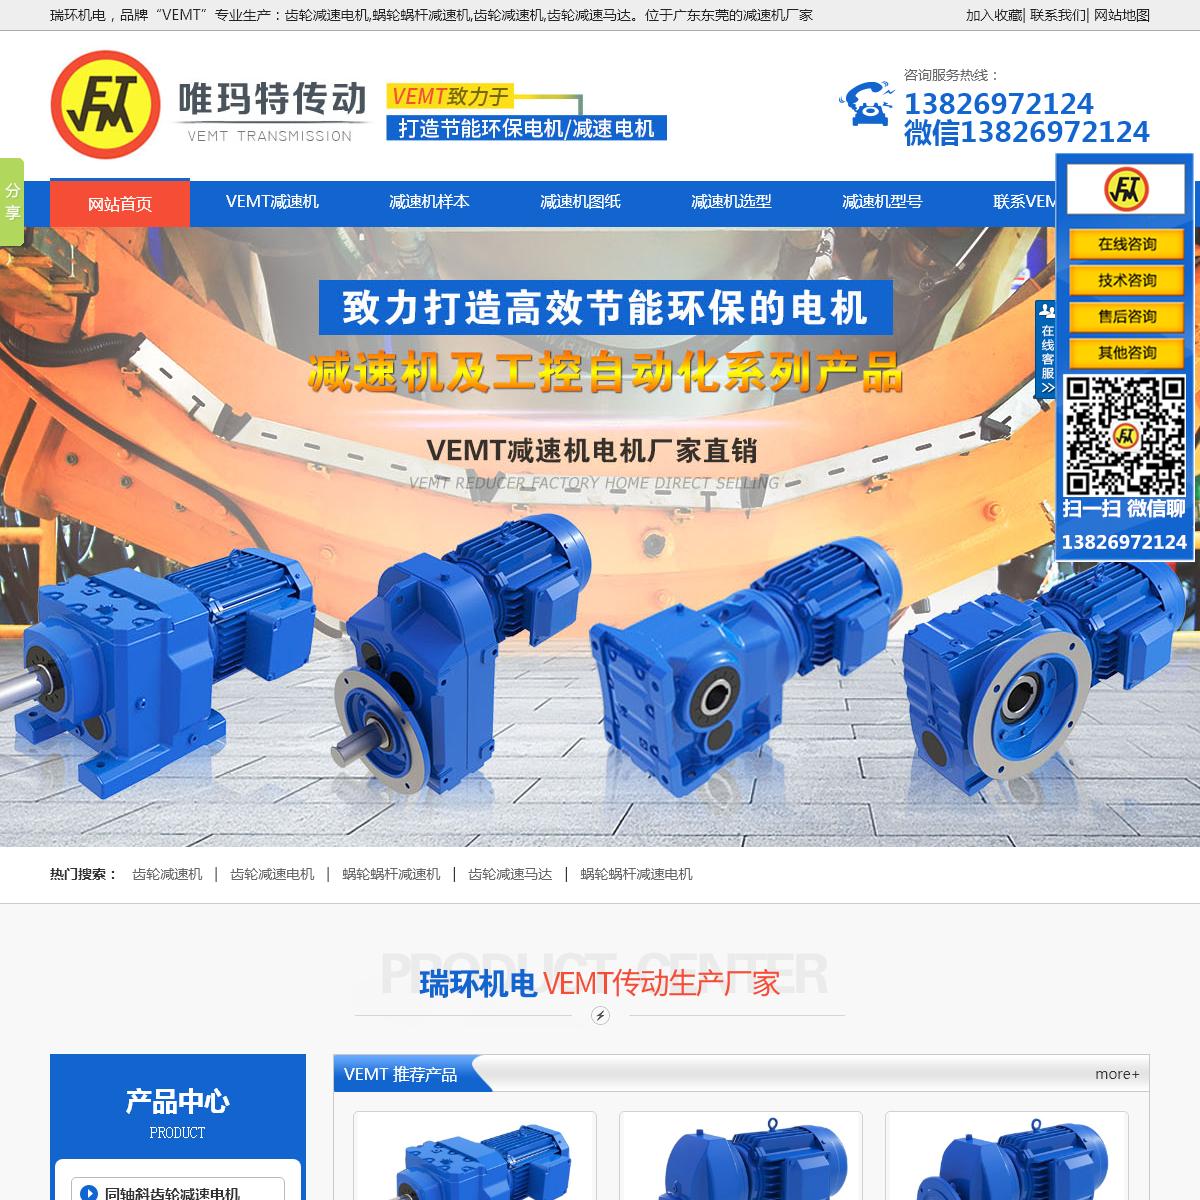 齿轮减速机_齿轮减速电机-VEMT蜗轮蜗杆减速机马达生产厂家